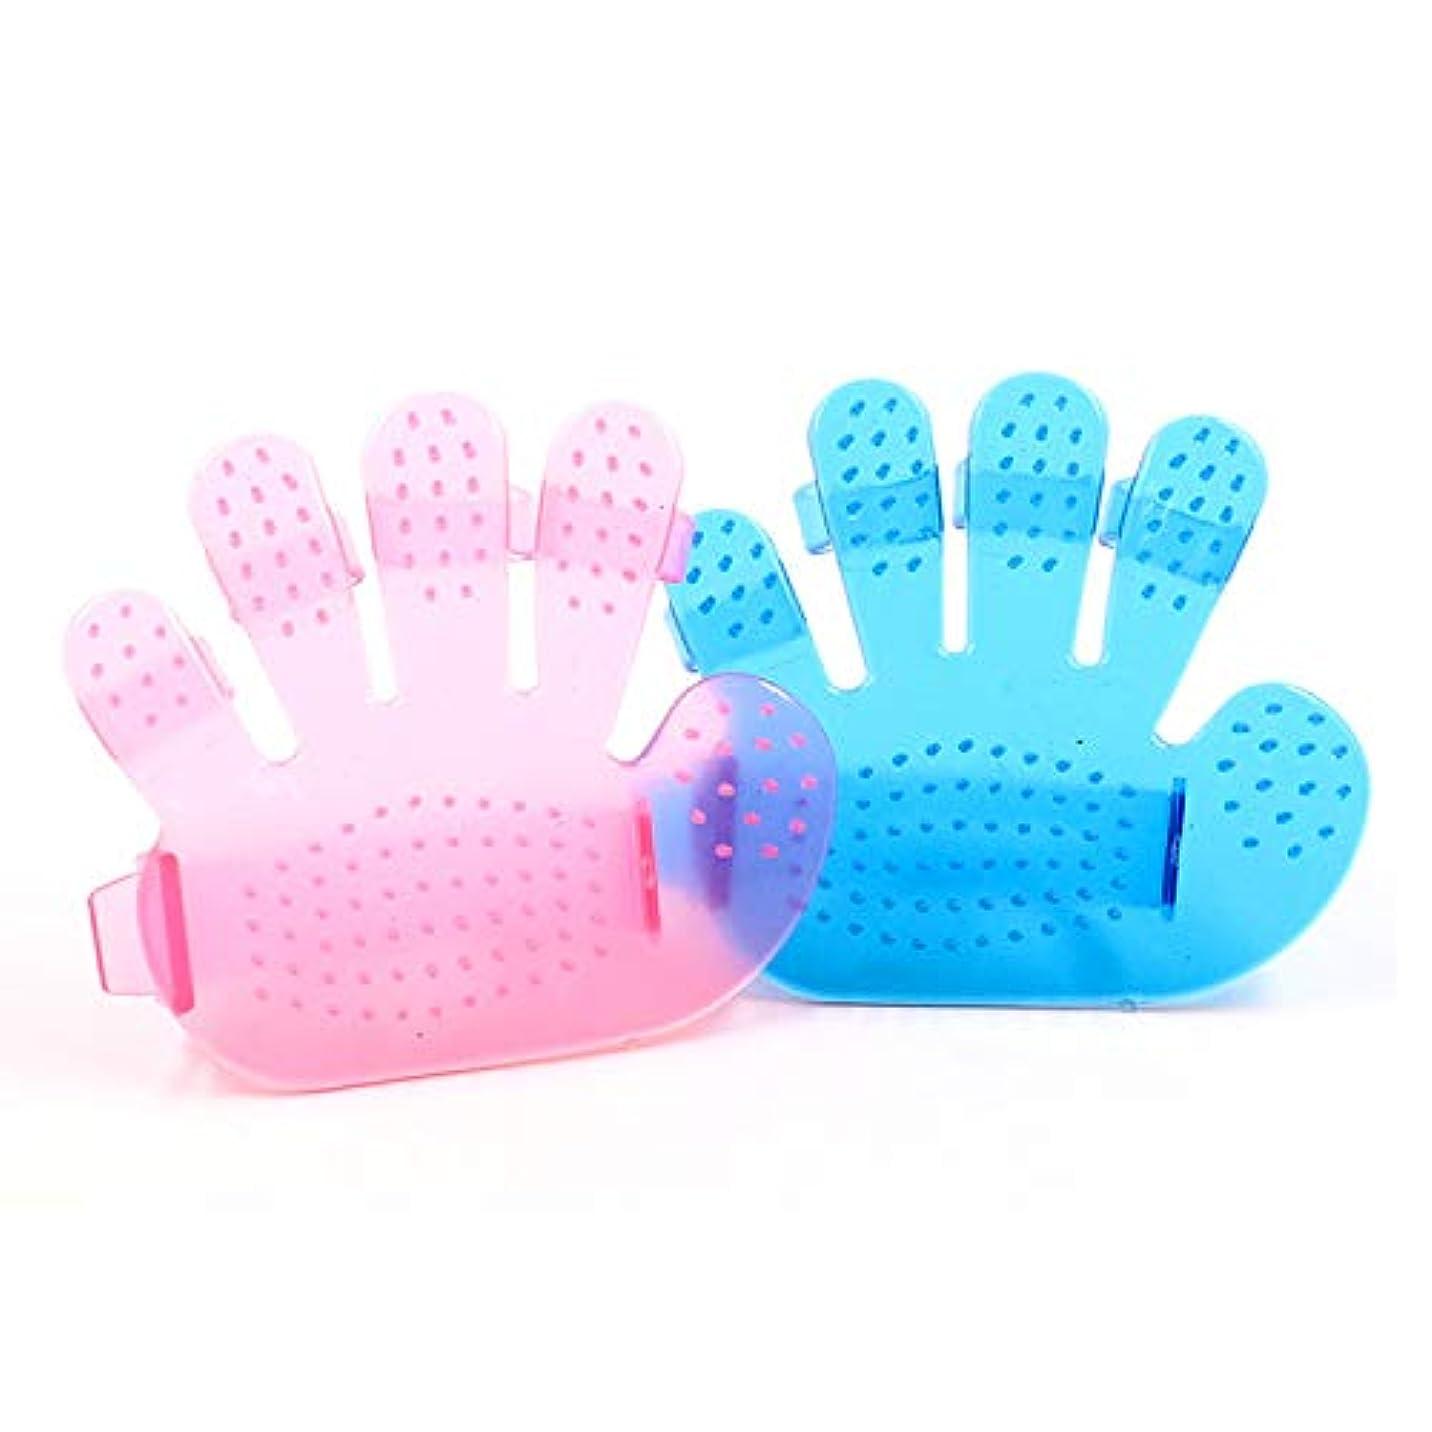 BTXXYJP ペット ブラシ 手袋 猫 ブラシ グローブ クリーナー 耐摩耗 抜け毛取り マッサージブラシ 犬 グローブ 10個 (Color : Pink, Size : M-Ten)